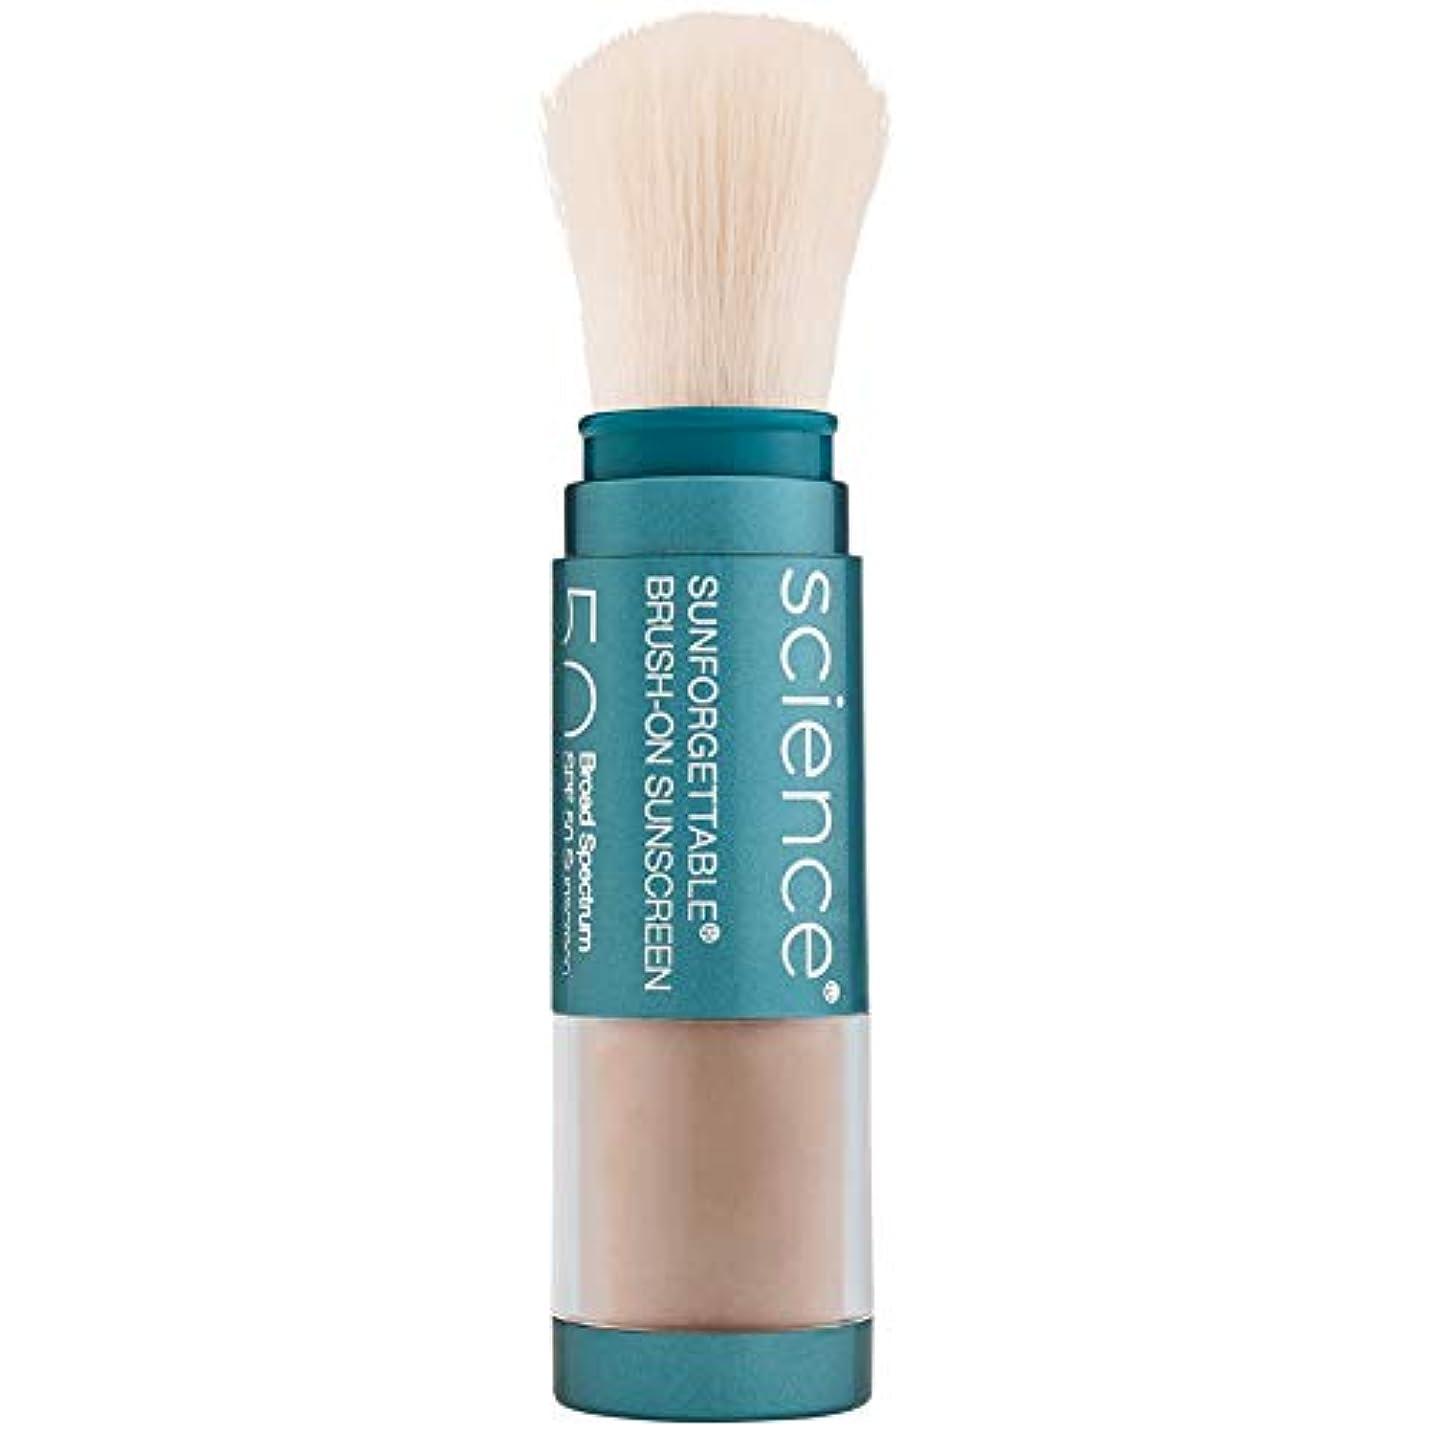 モンクピラミッド見物人Sunforgettable Brush-On Sunscreen SPF 50 - Tan